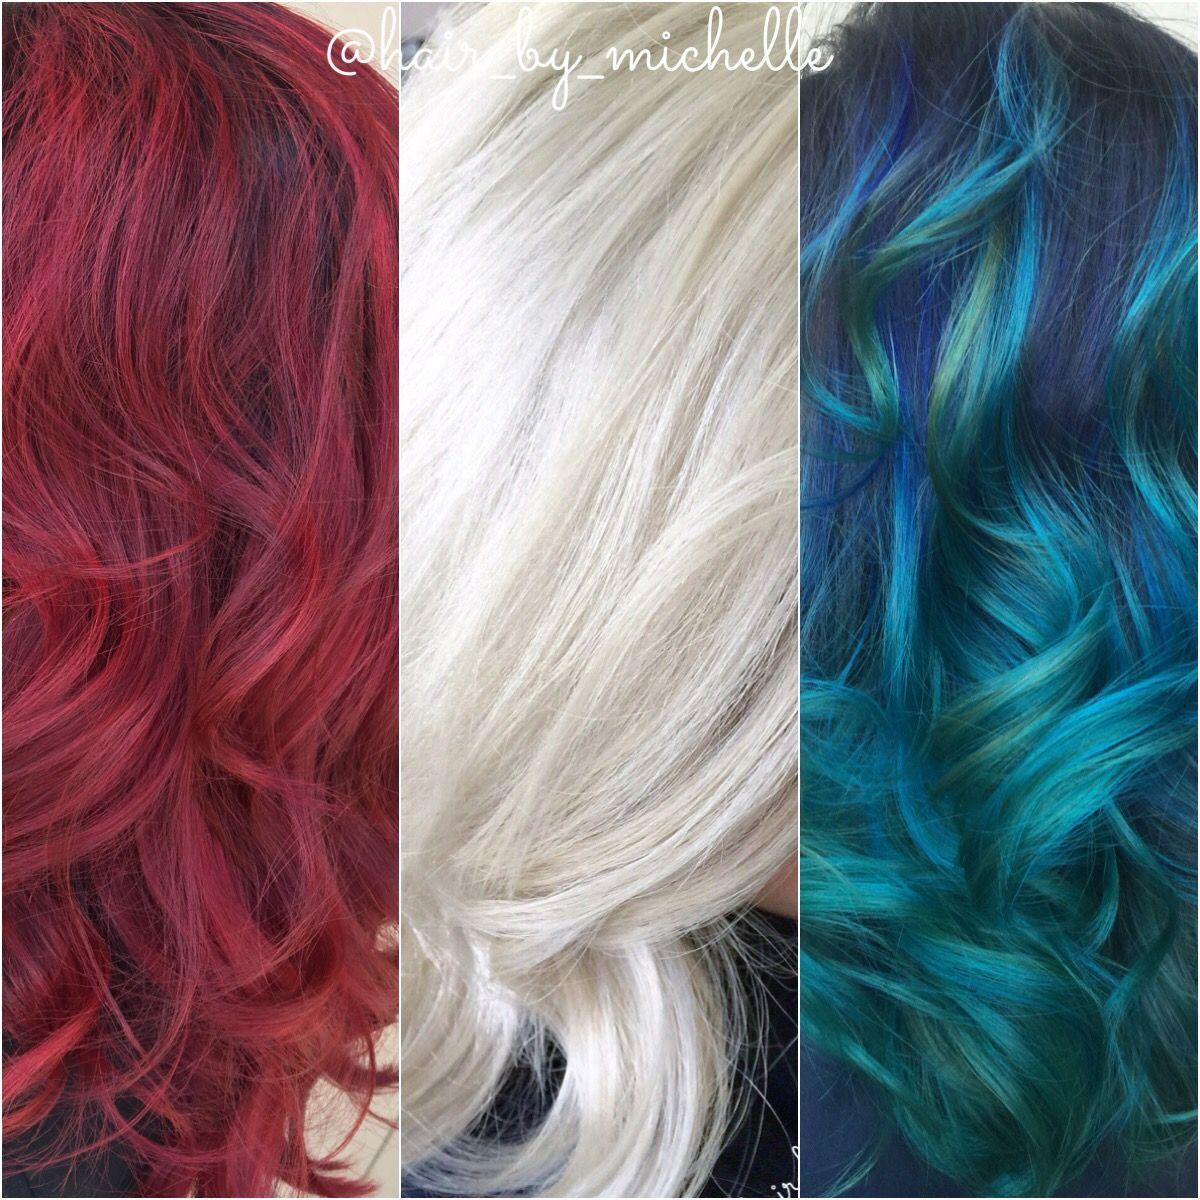 Red White And Blue Hair Red Hair White Hair Blue Hair Blue Hair Red Hair Hair